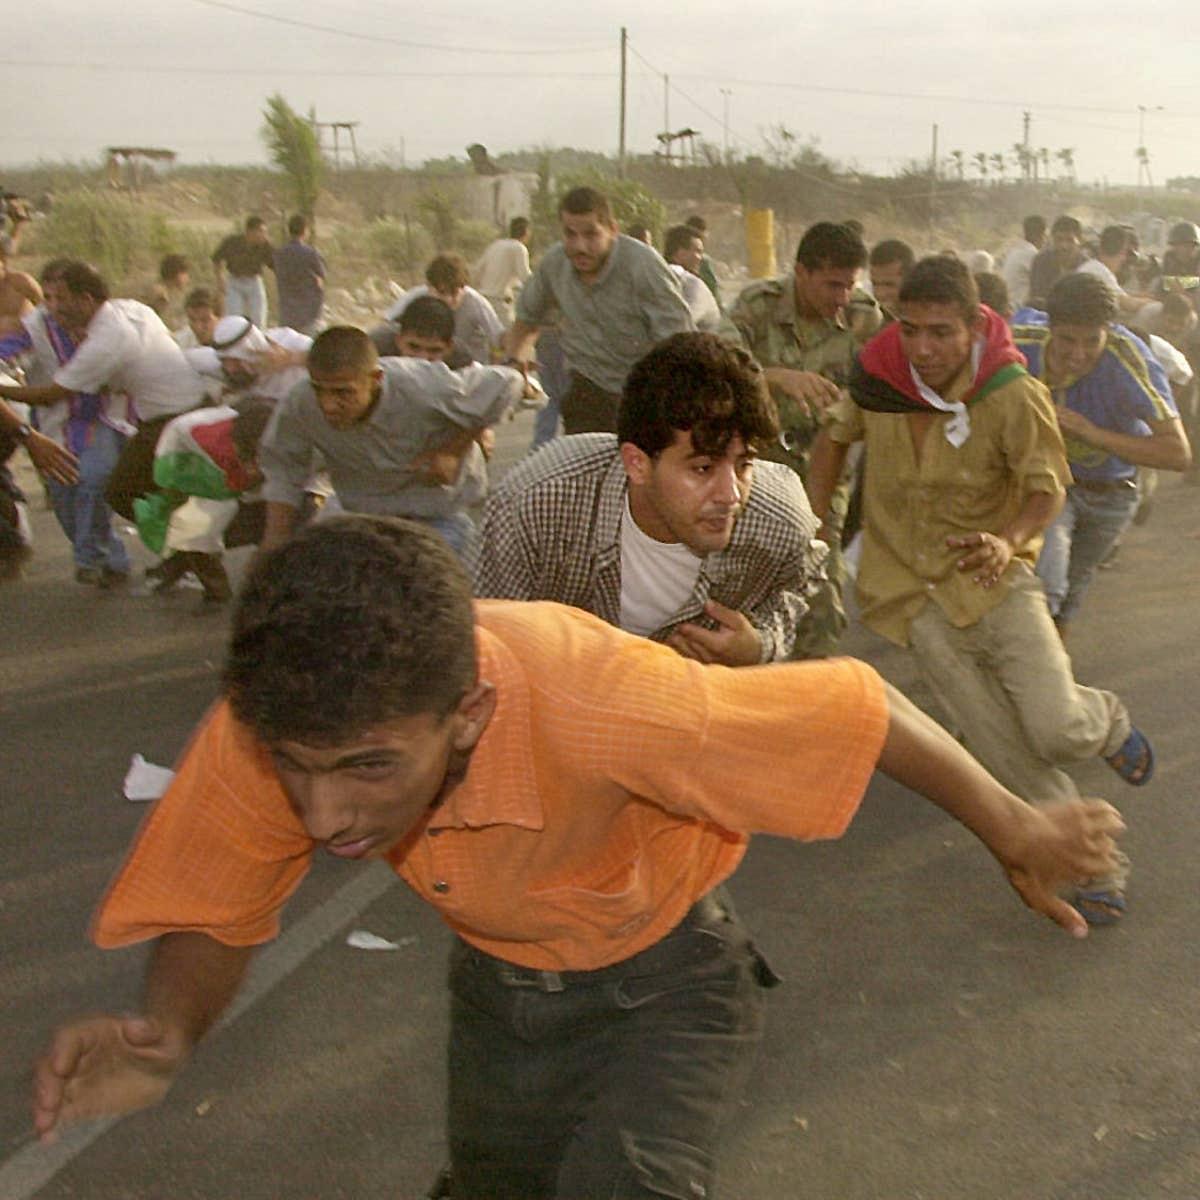 Il y a 20 ans, la deuxième intifada : des milliers de morts pour une lutte qui a échoué